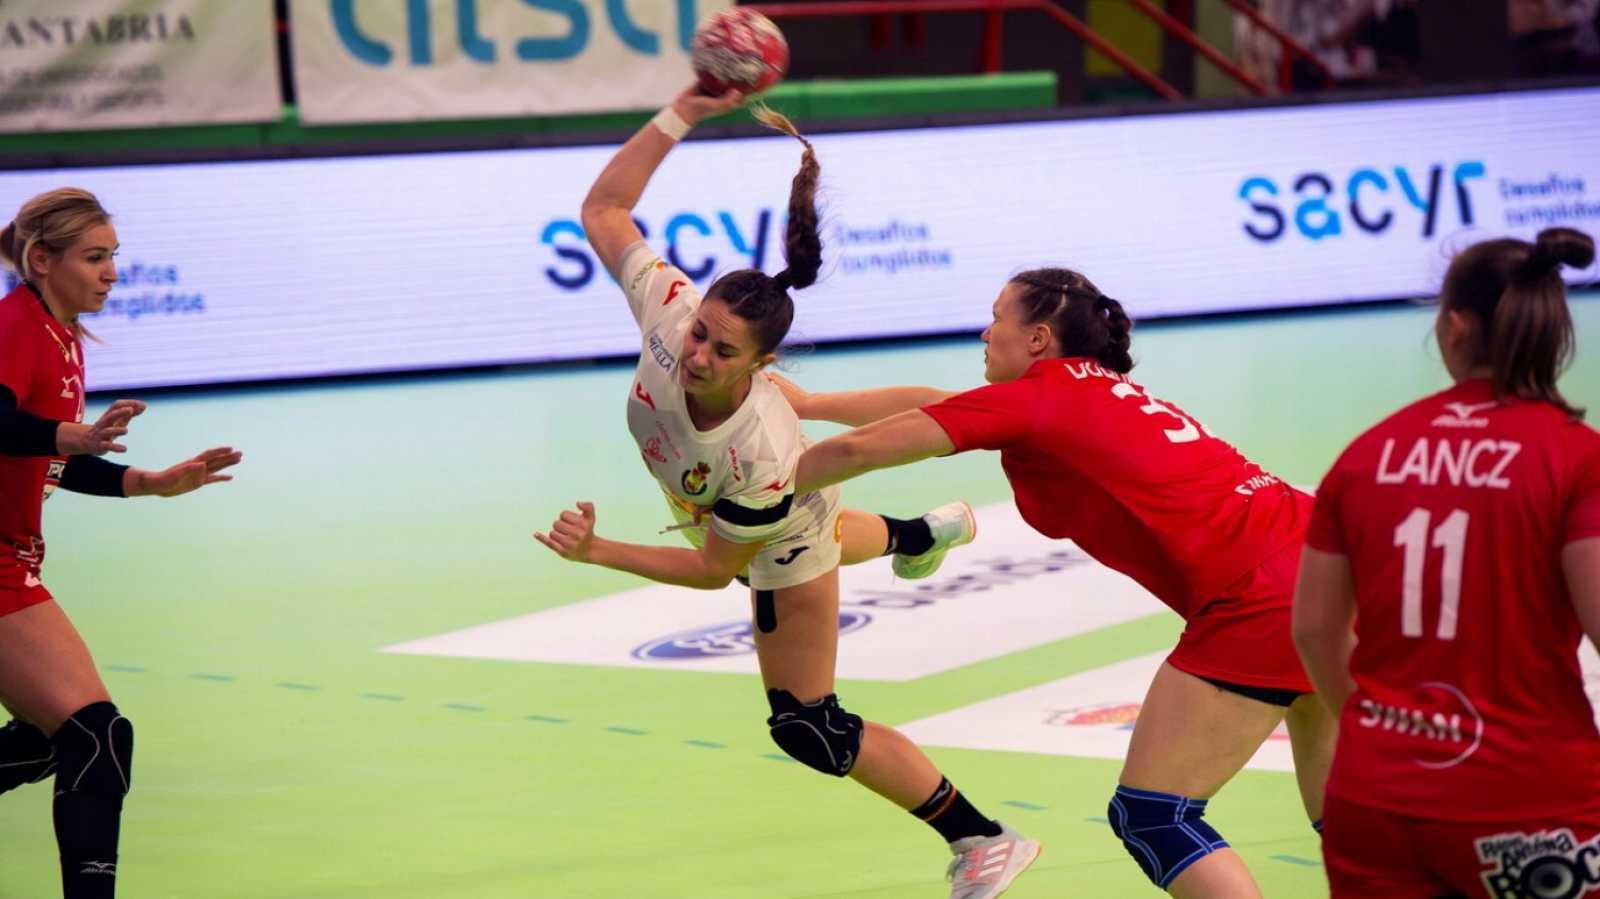 Balonmano - Torneo internacional de España femenino: España - Eslovaquia - ver ahora